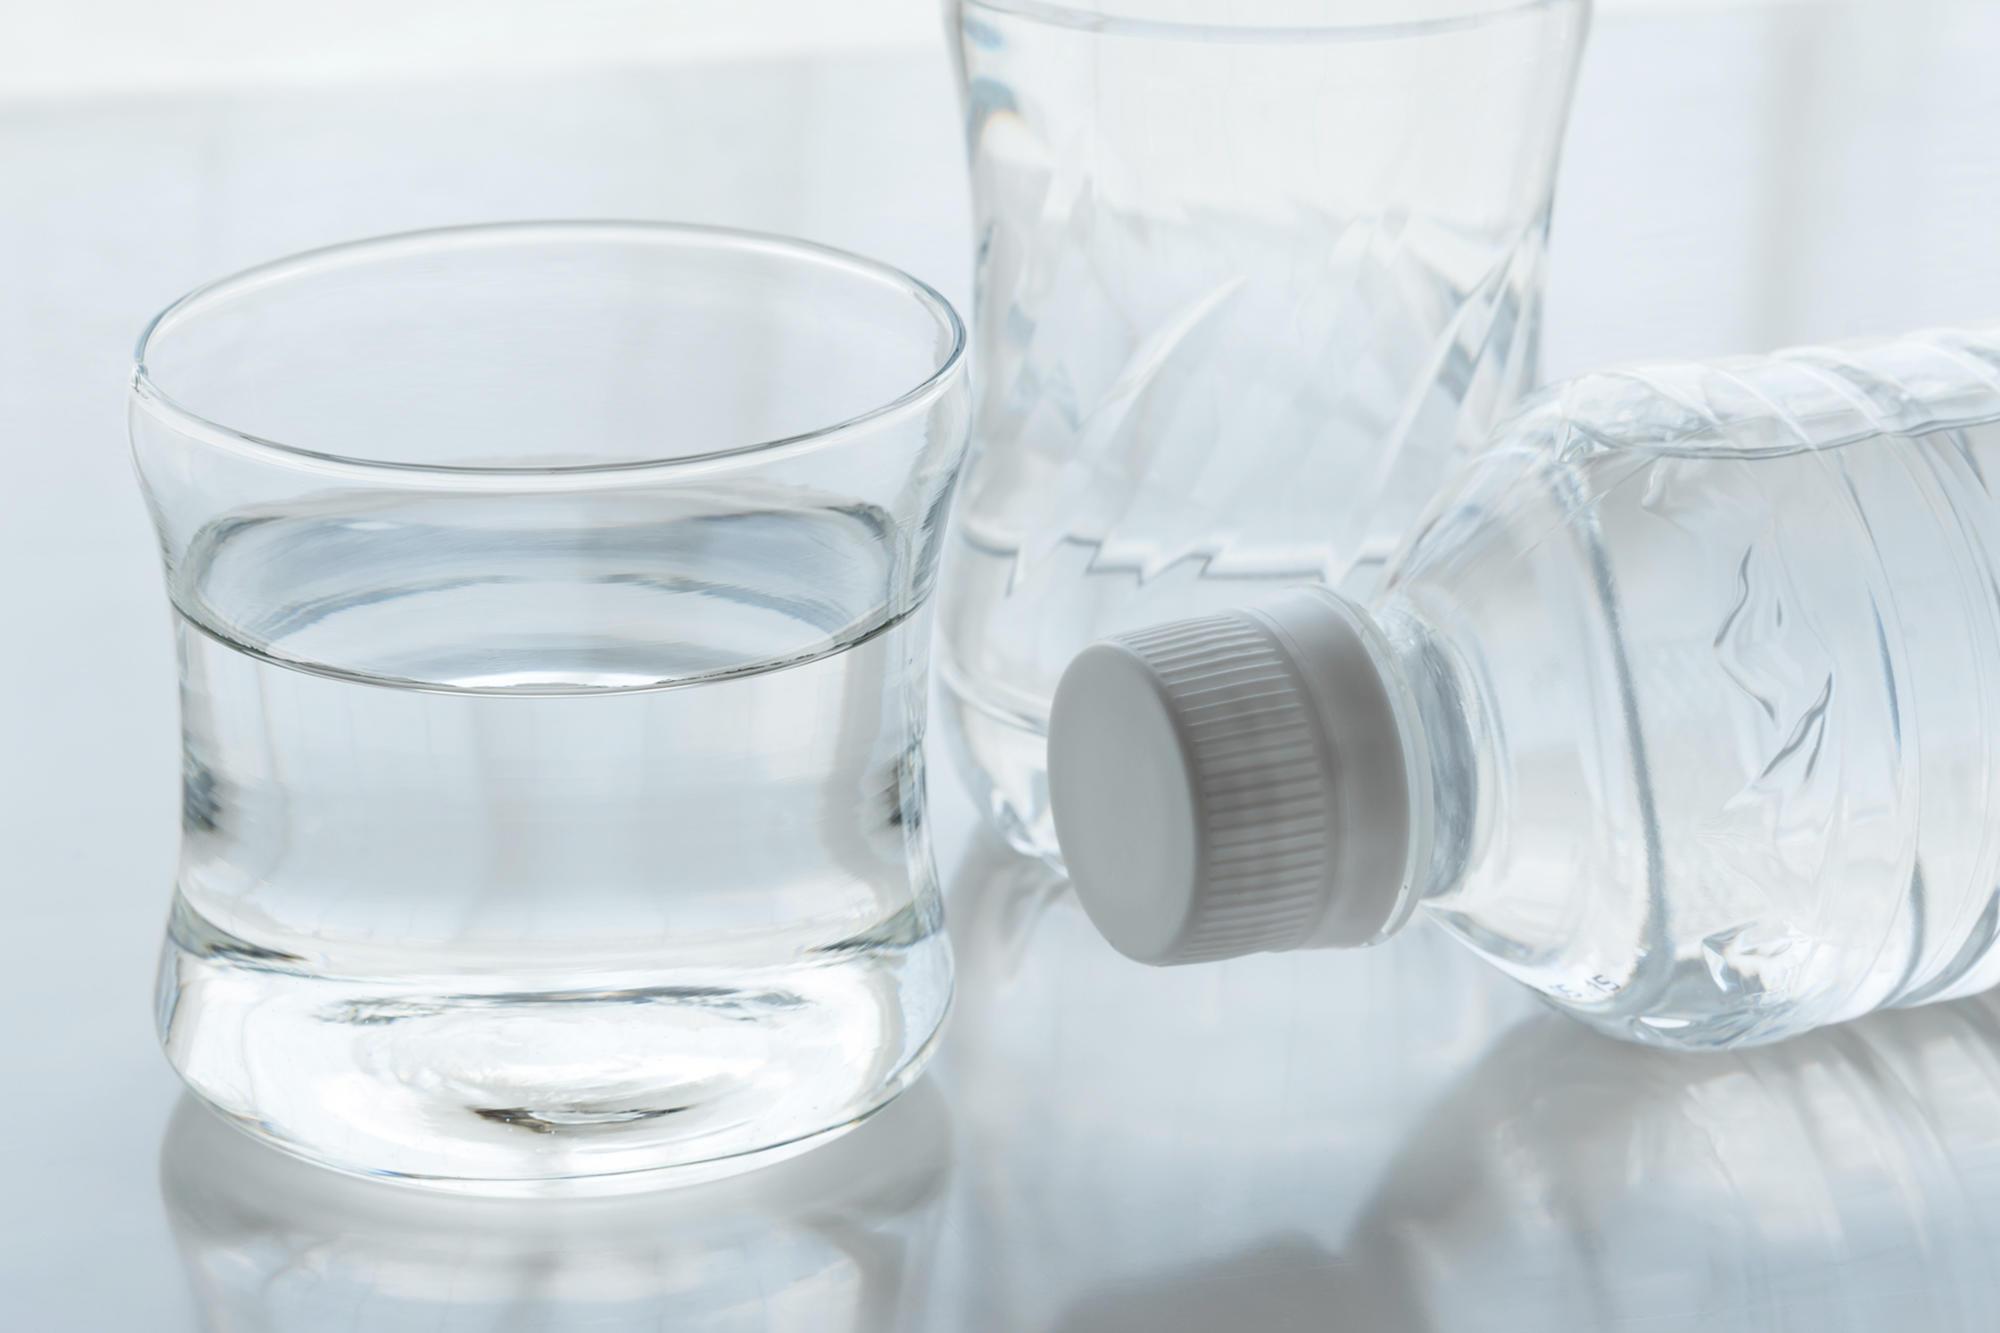 【おいしい時間】ミネラルウォーターの種類や違い、硬水と軟水って?深〜い<水>の話